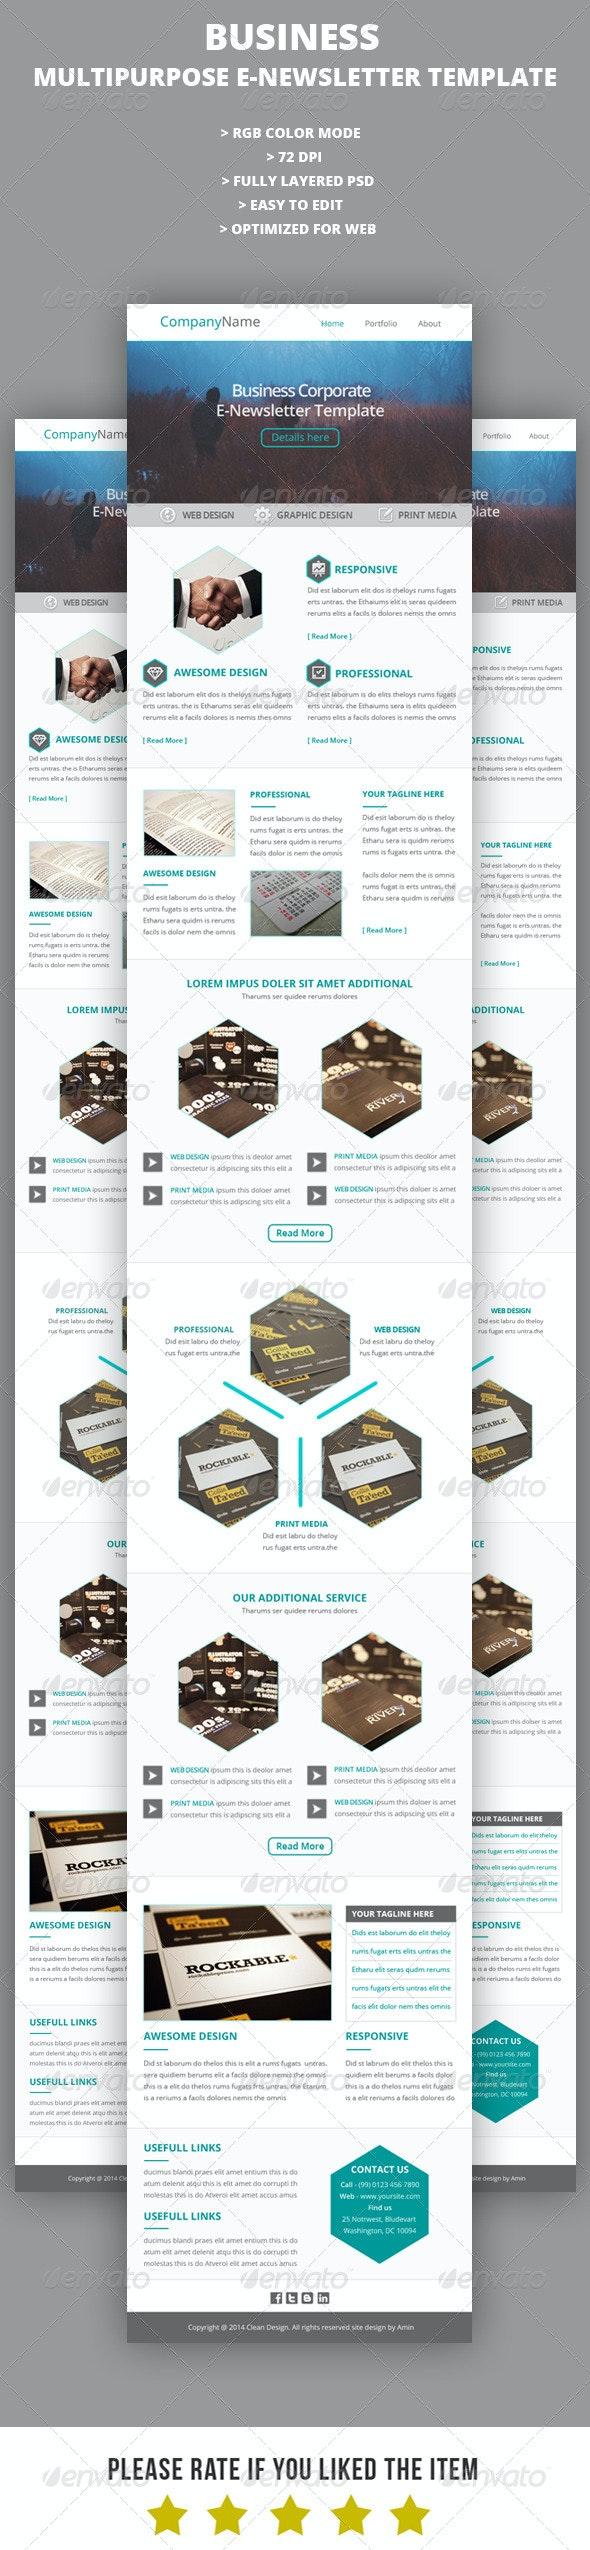 Business Multipurpose E-Newsletter Template V8 - E-newsletters Web Elements